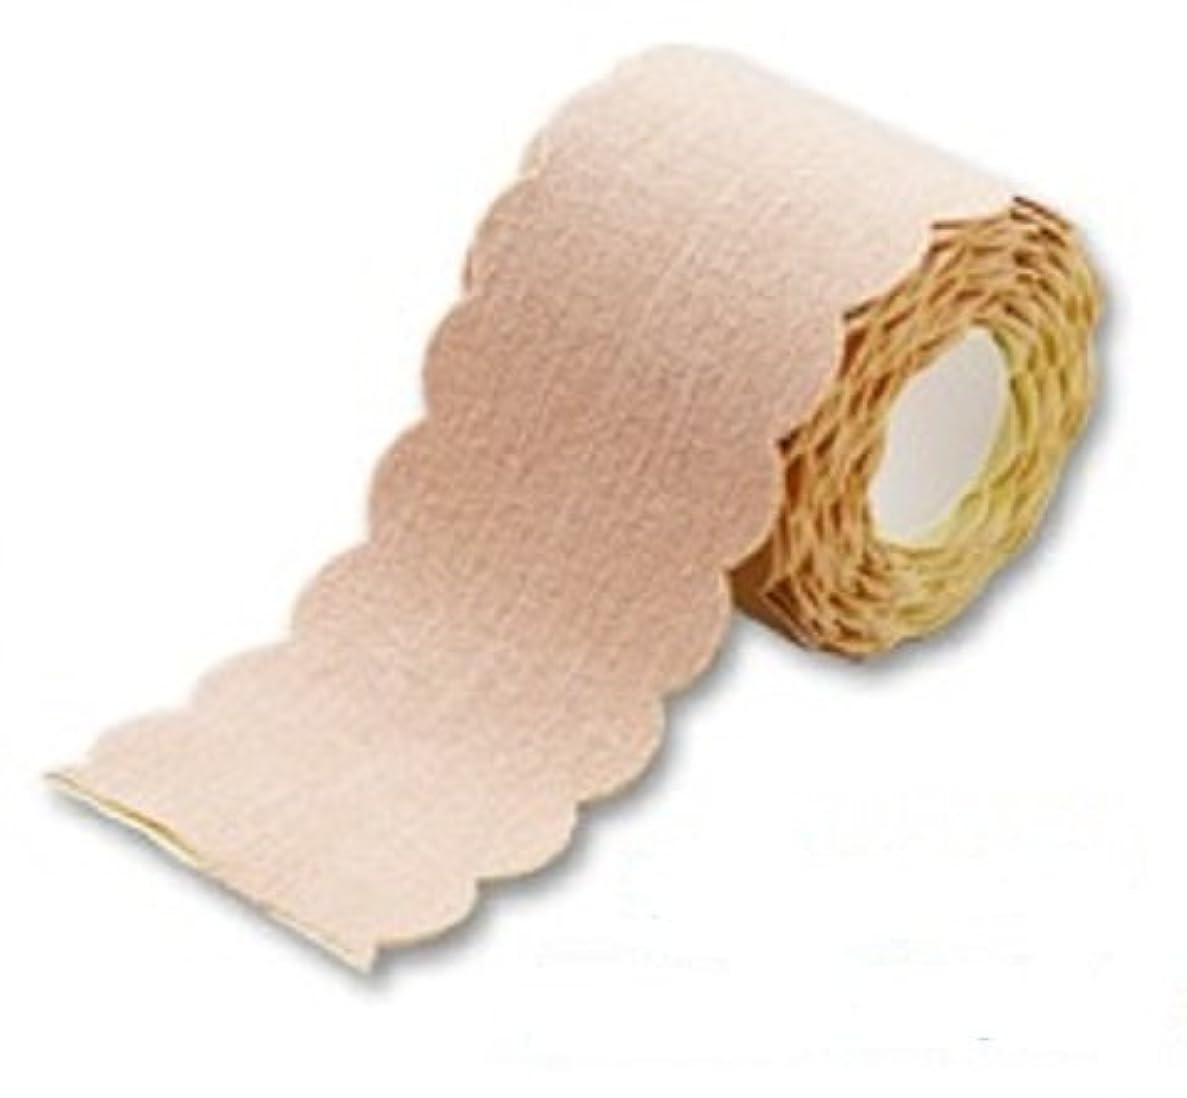 道を作る神聖ホバート汗取りパッド ワキに直接貼る汗とりシート ロールタイプ 3m 直接貼るからズレない?汗シート